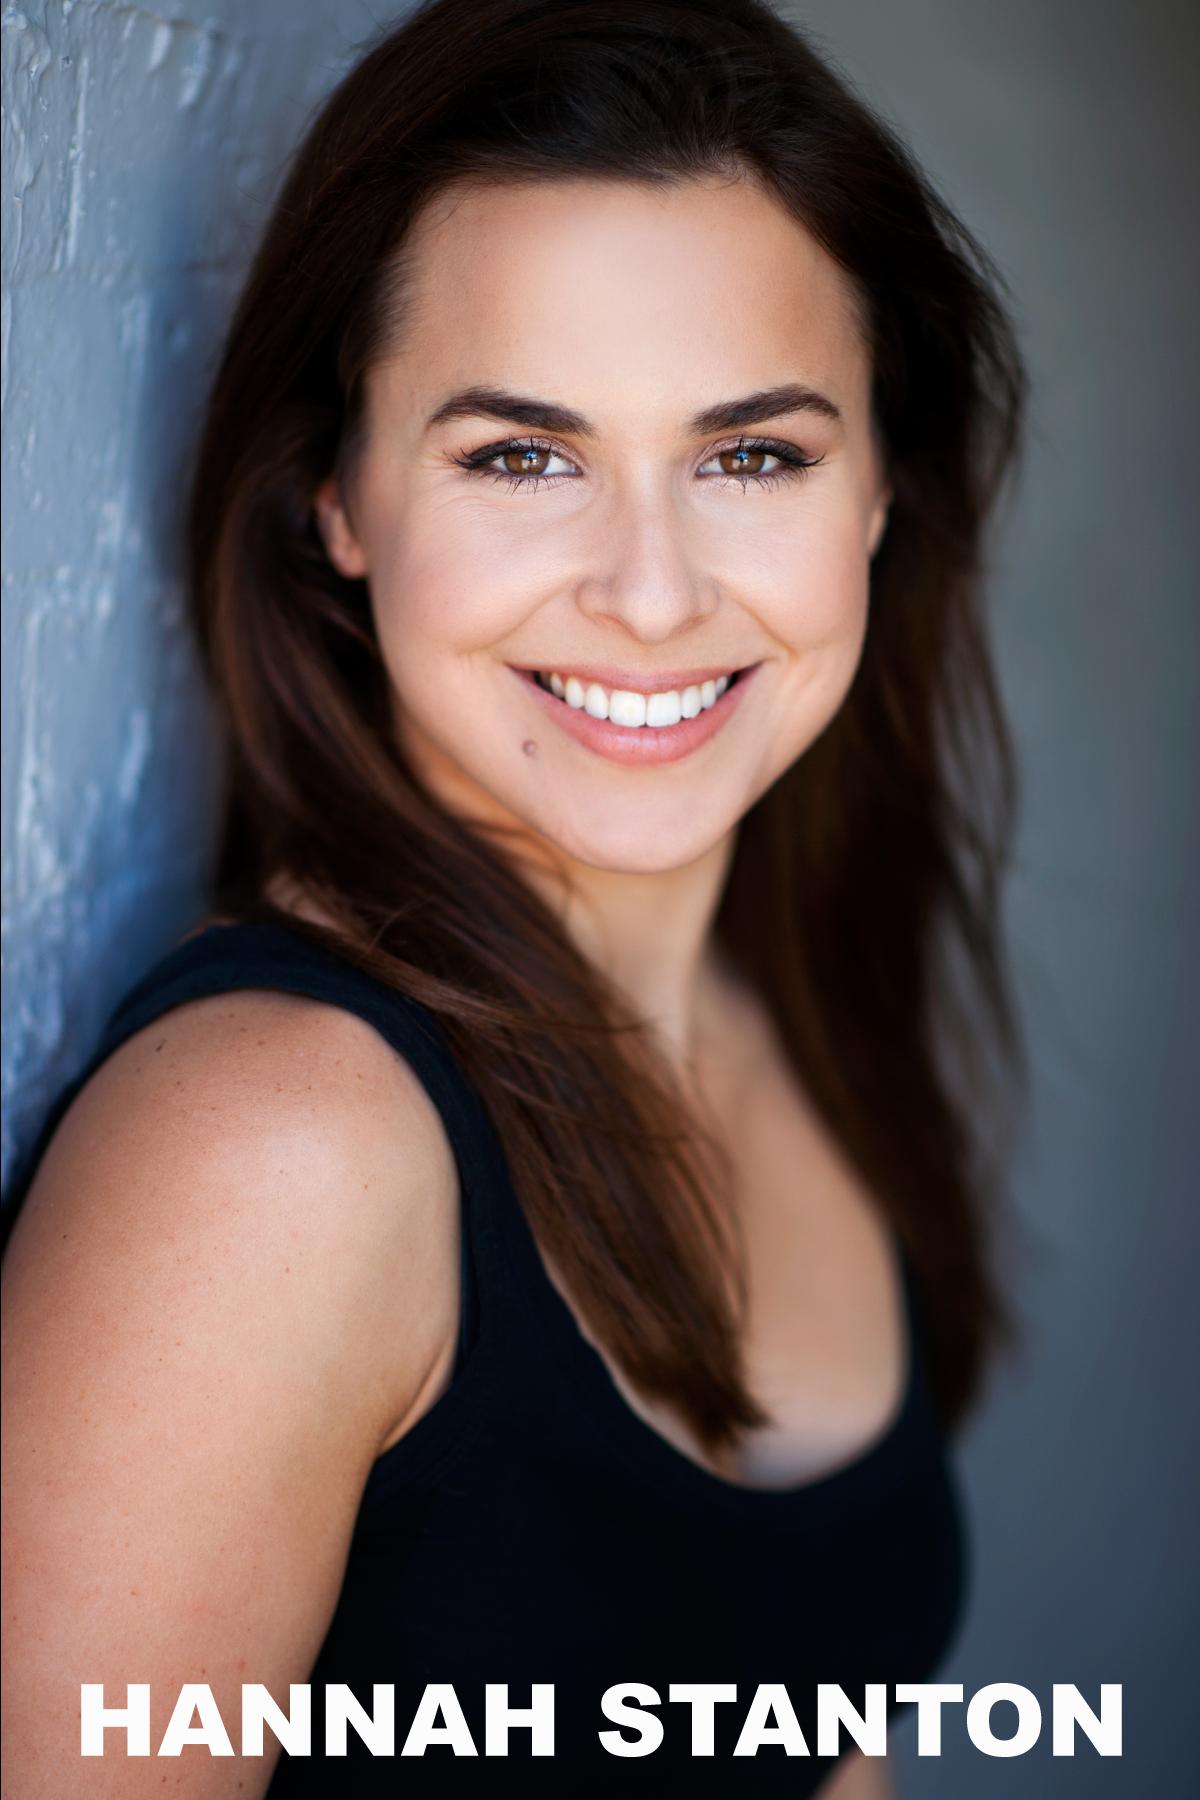 Hannah-Stanton-(Actor,Dancer,Singer).png